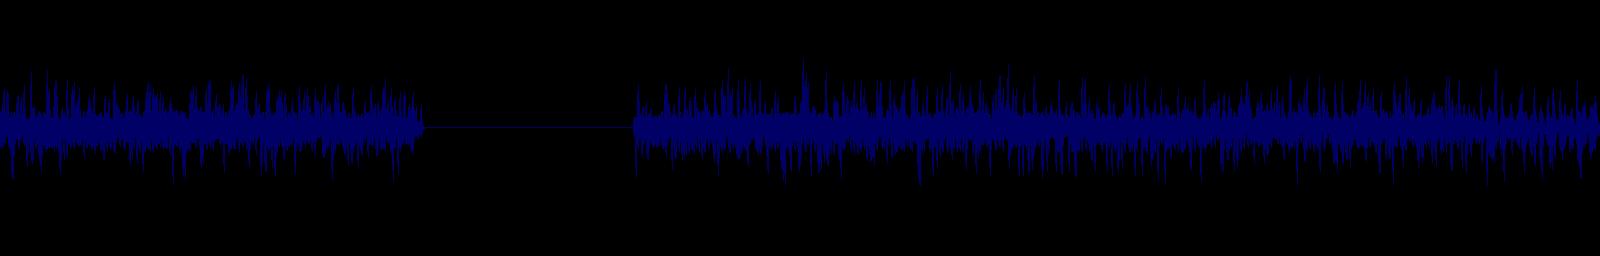 waveform of track #146695